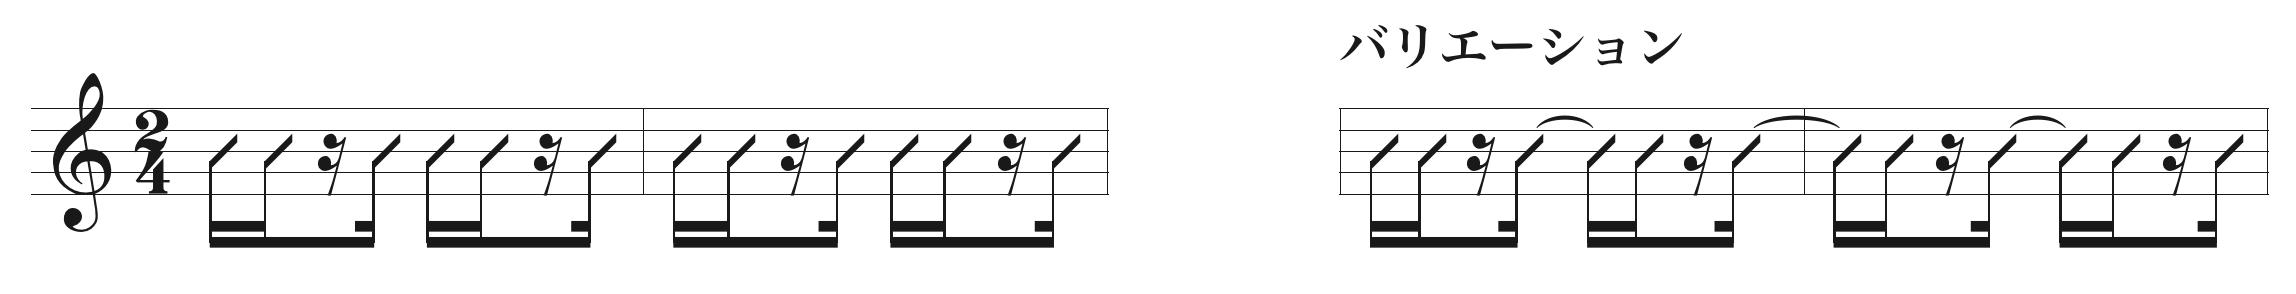 演奏リズムパターン